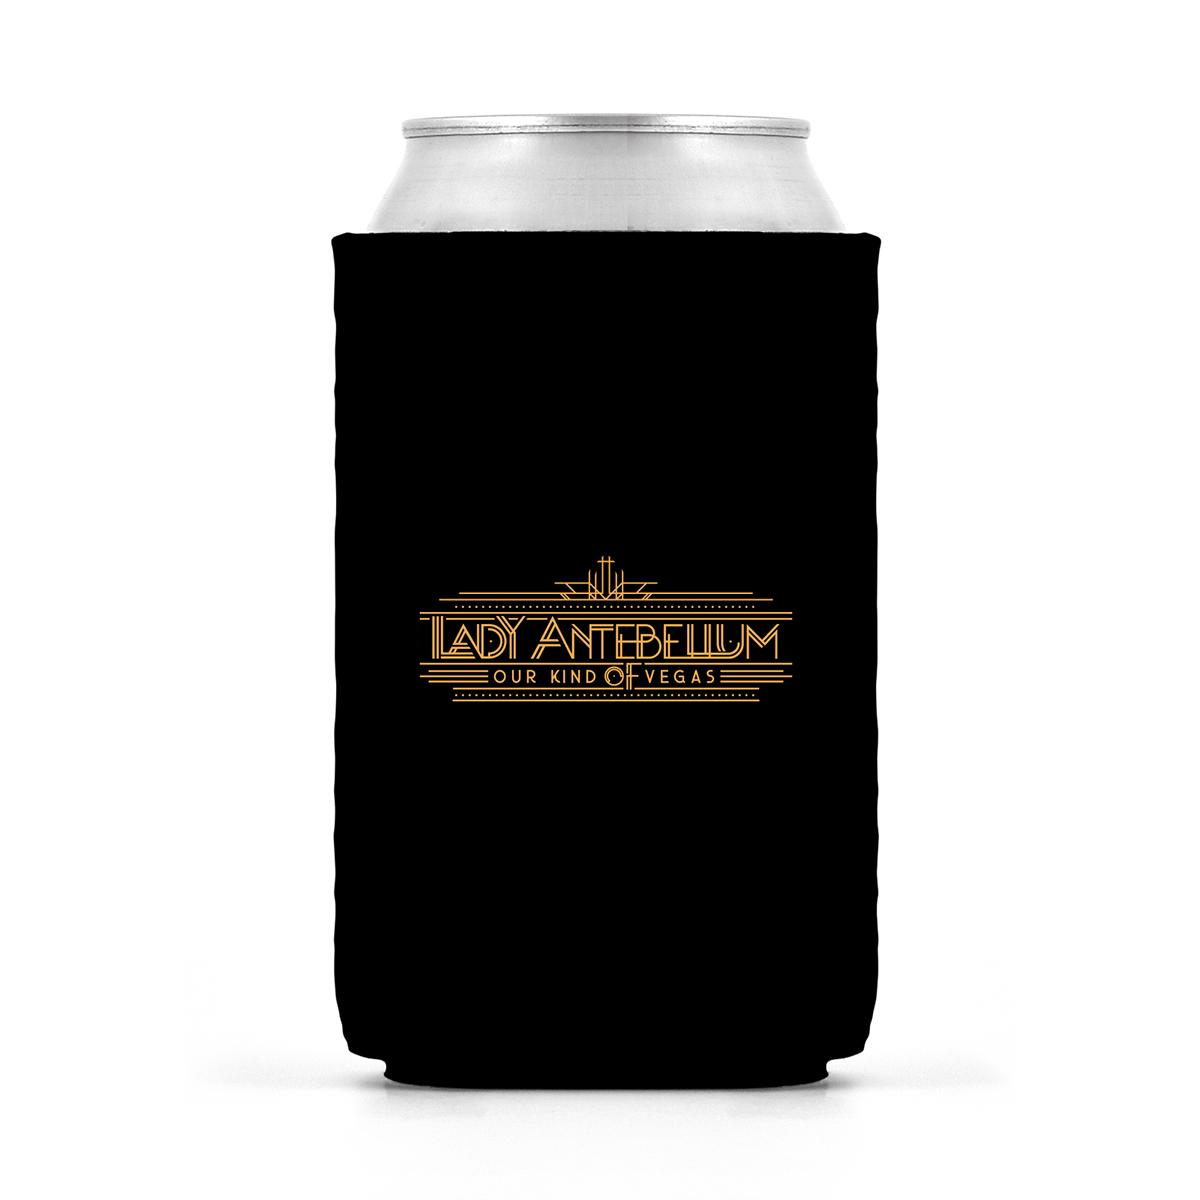 Lady Antebellum - Bartender Koozie